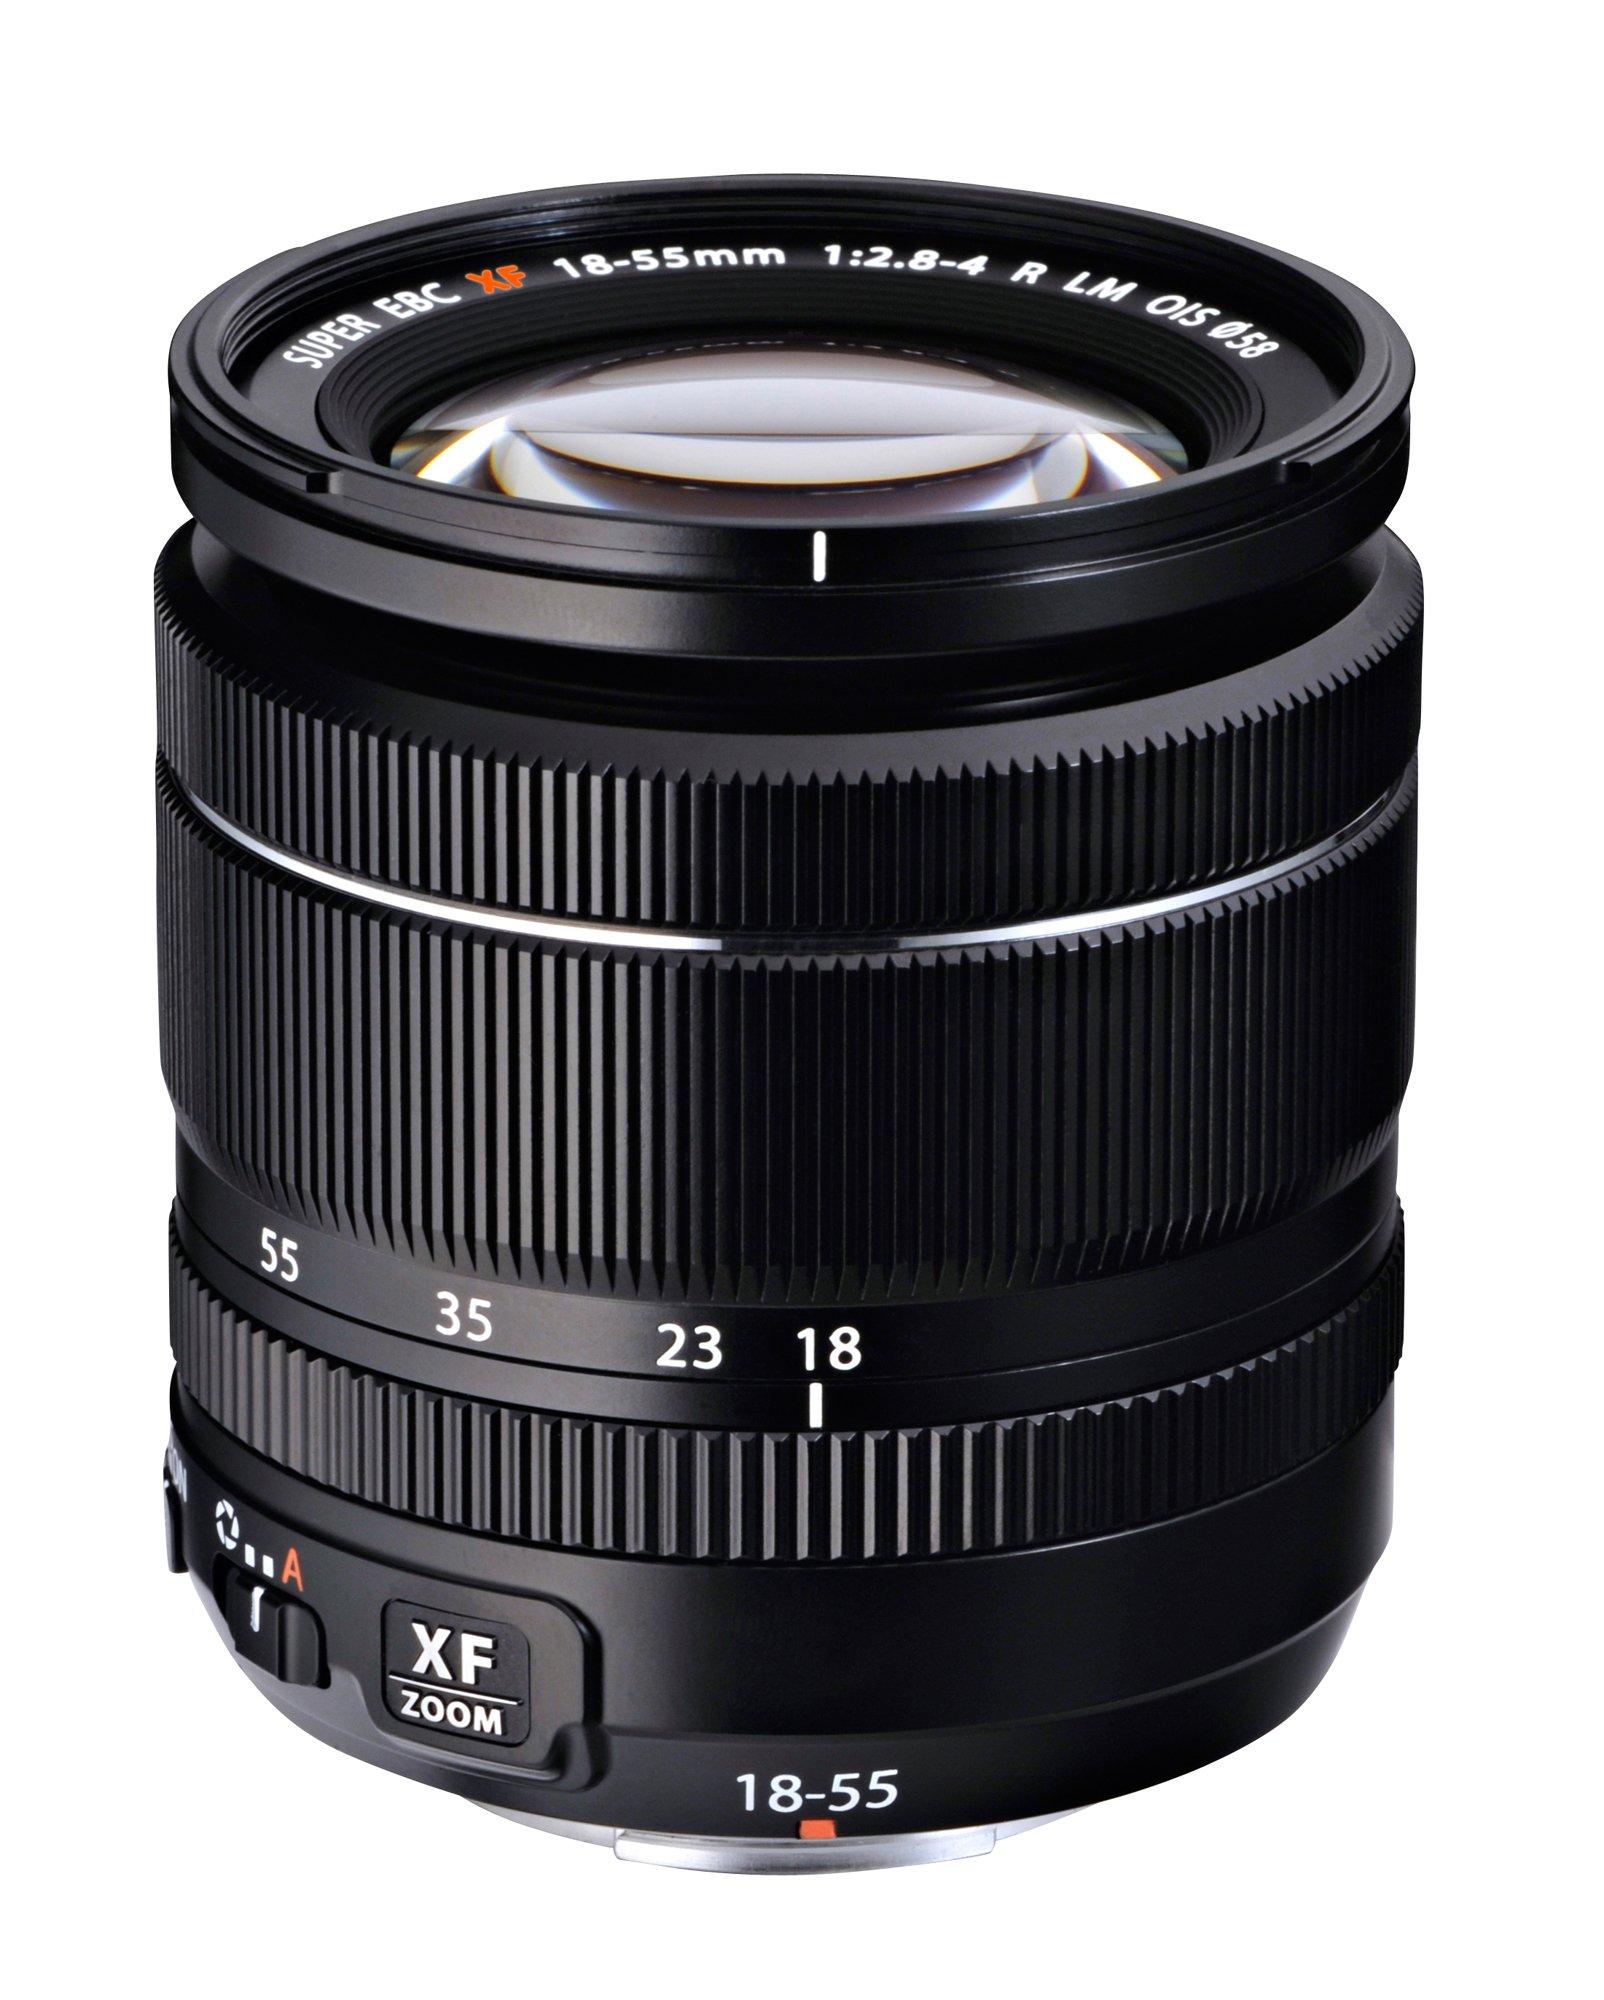 Fujinon XF18-55mmF2.8-4 R LM OIS by Fujifilm